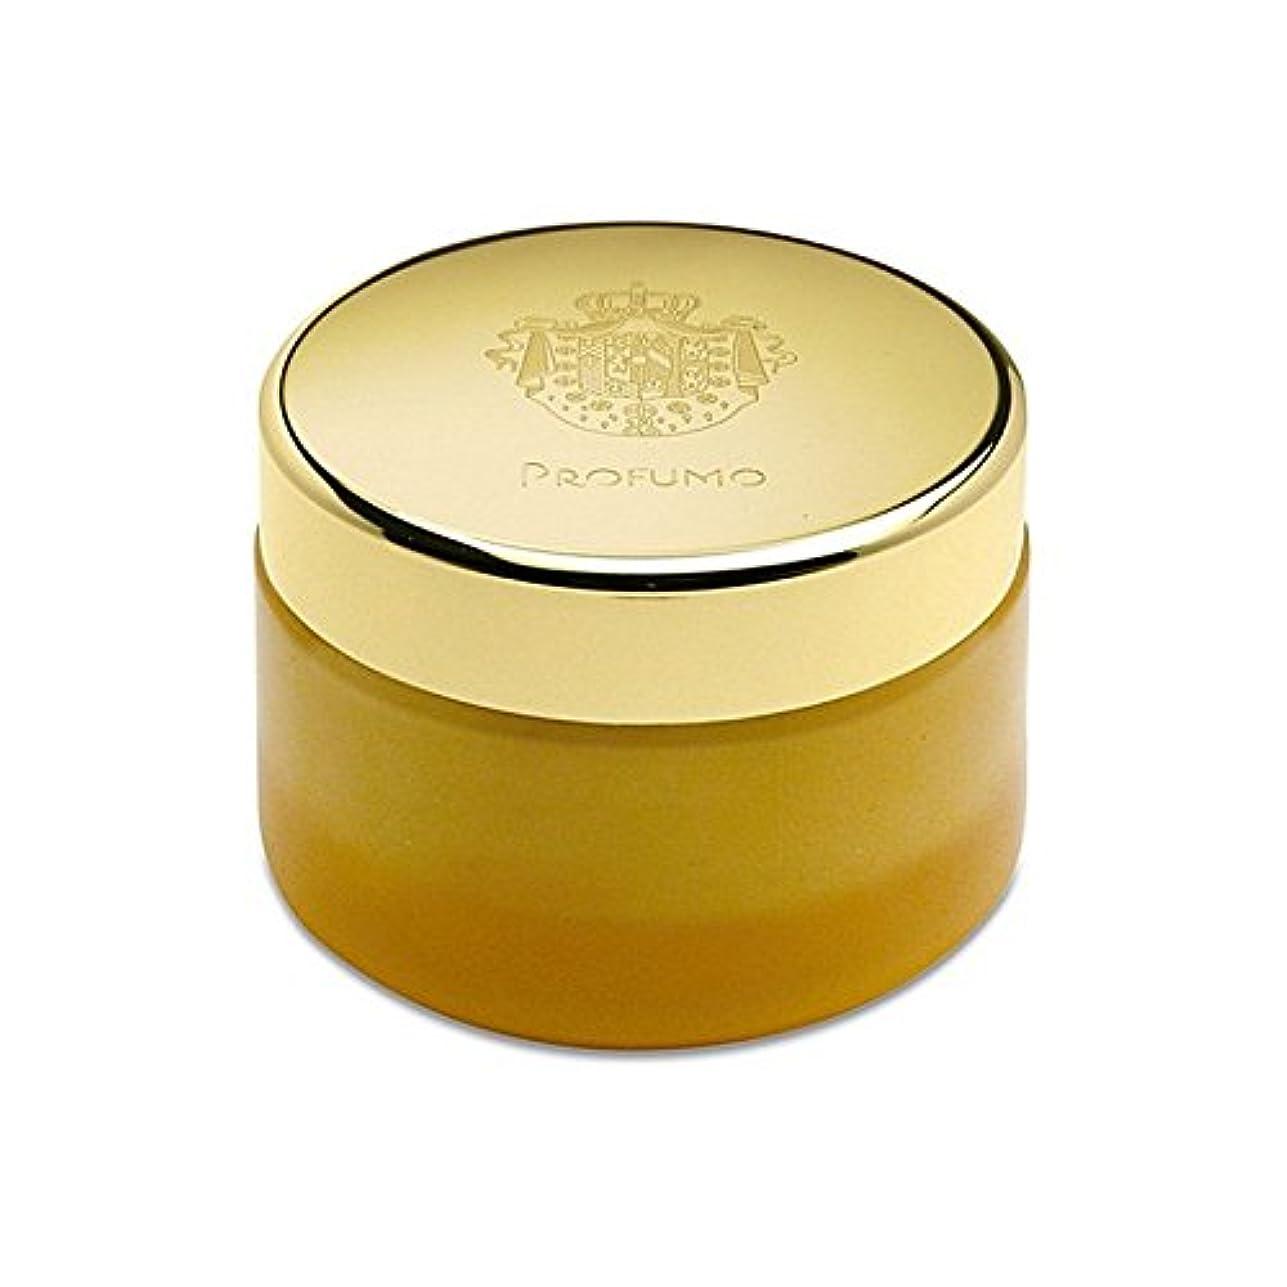 リンクびっくり書き込みアクアディパルマボディクリーム200ミリリットル x2 - Acqua Di Parma Profumo Body Cream 200ml (Pack of 2) [並行輸入品]